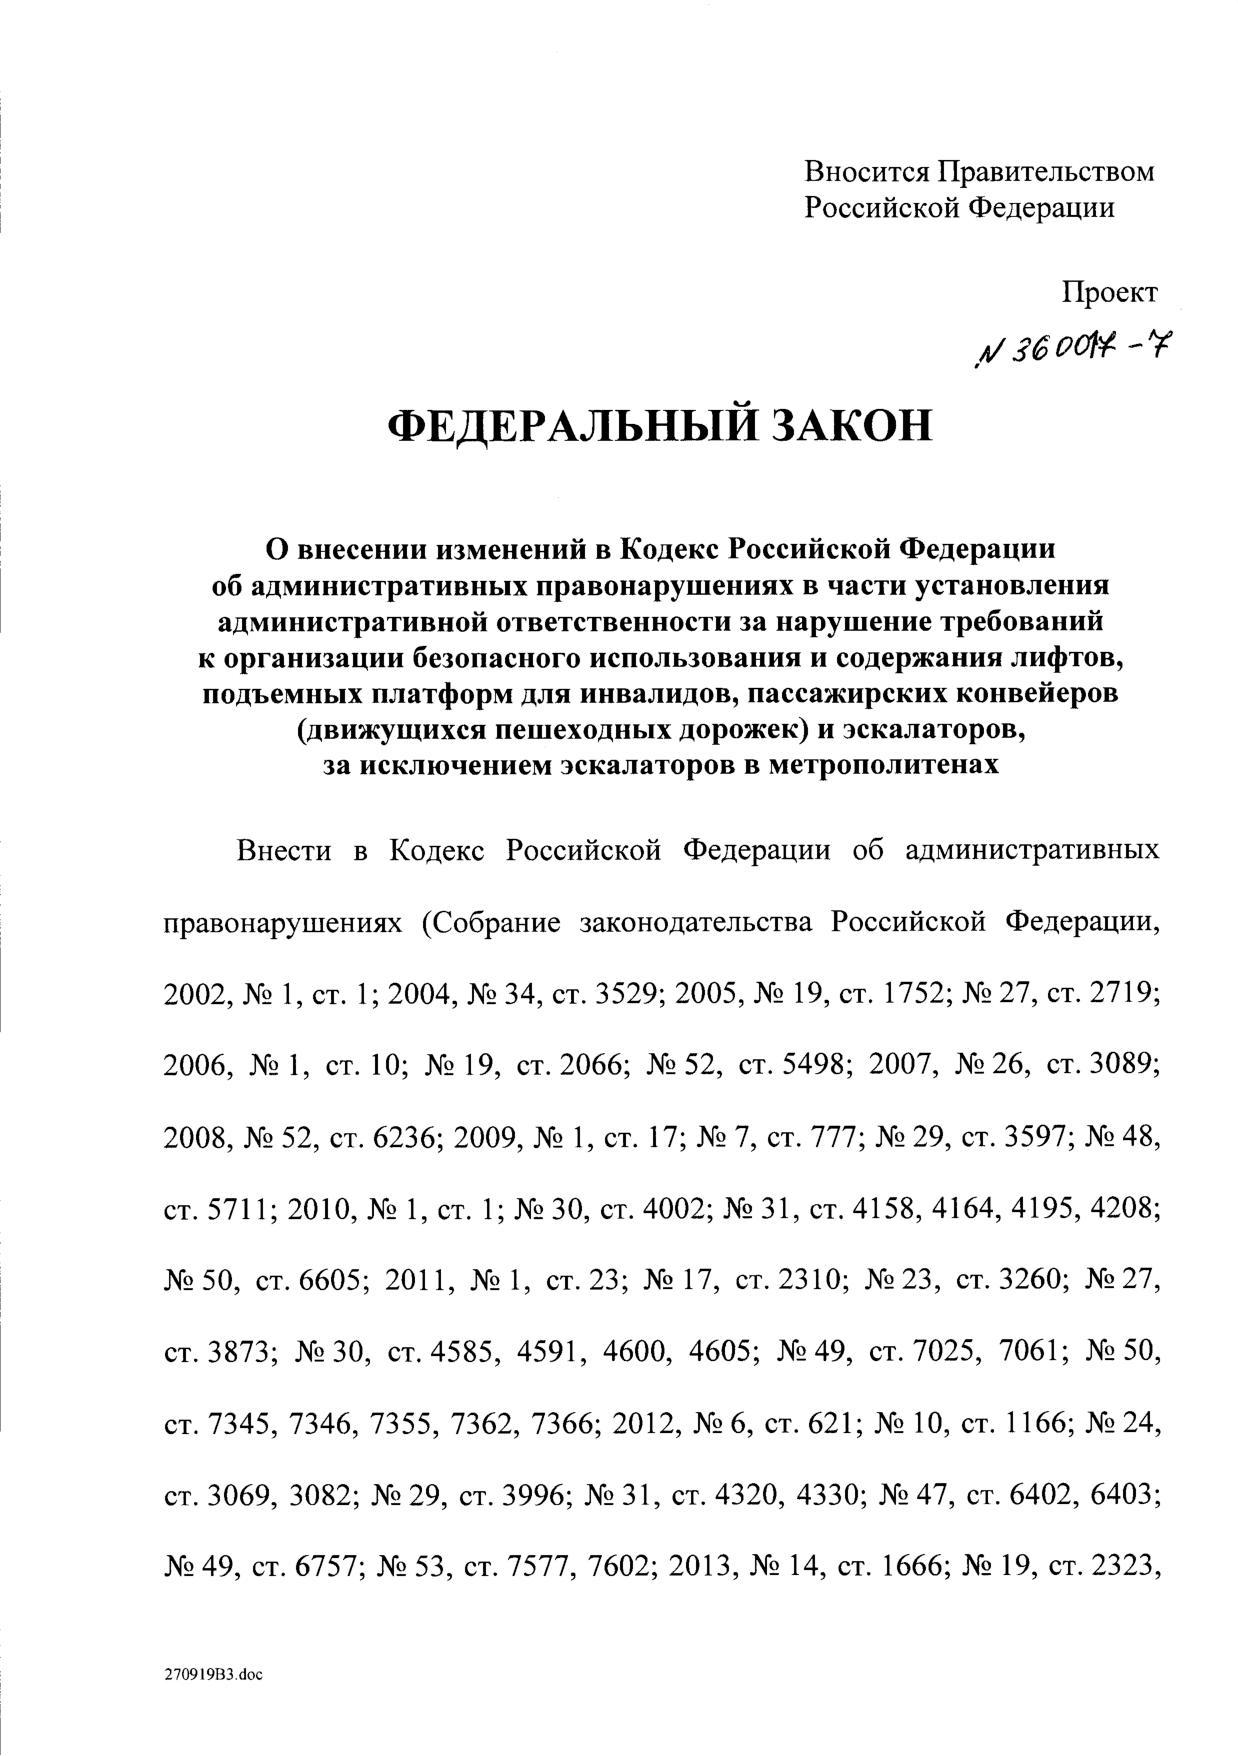 Госдума устанавливает административную ответственность за нарушение требований к организации безопасного использования и содержания лифтов